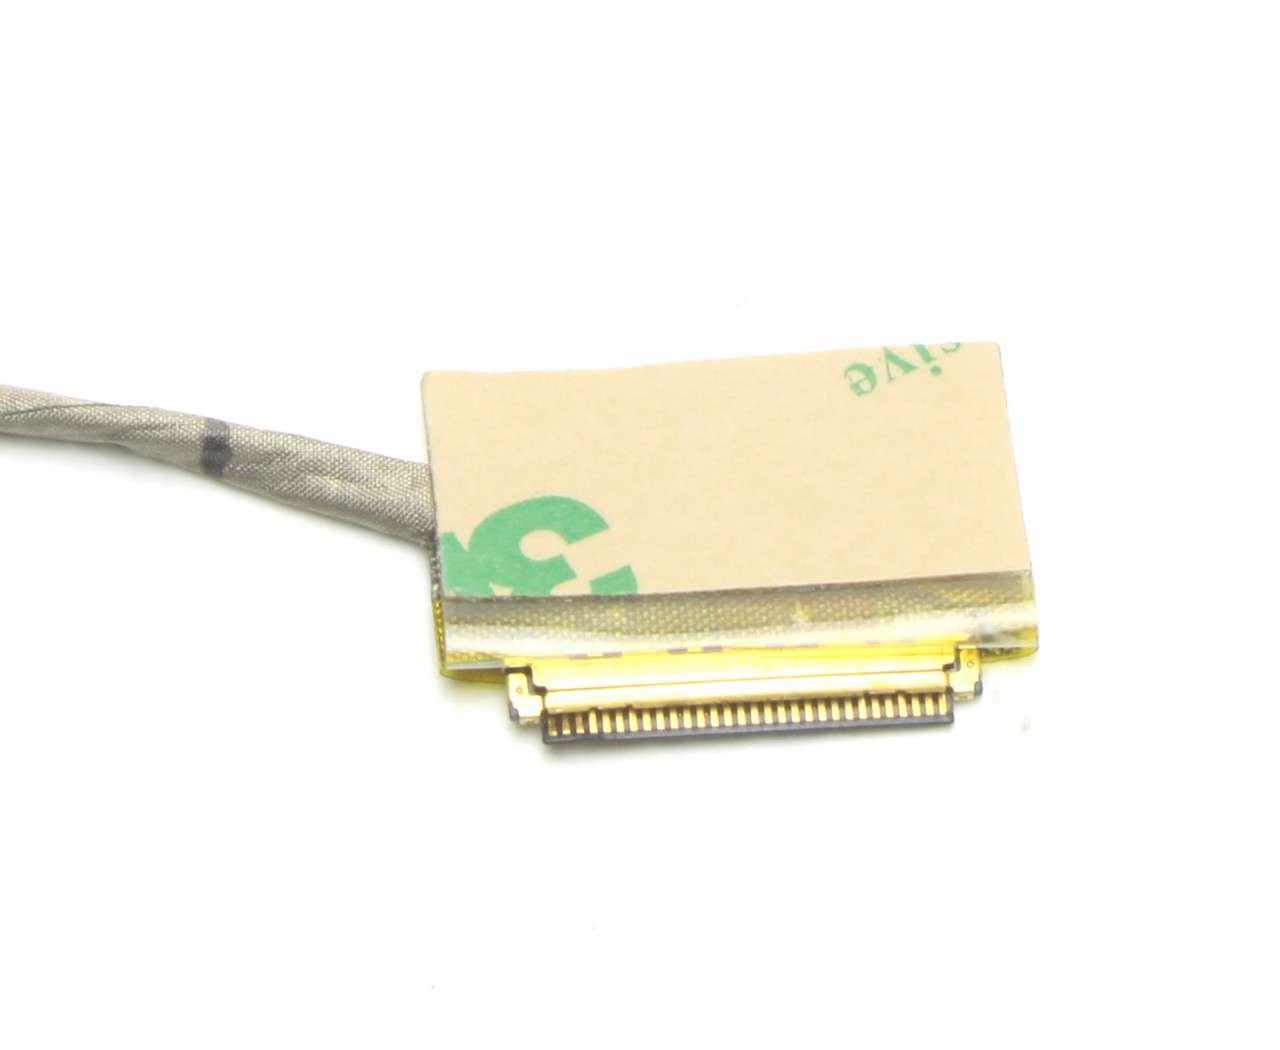 Cablu video LVDS Lenovo G50 70M cu placa video dedicata imagine powerlaptop.ro 2021